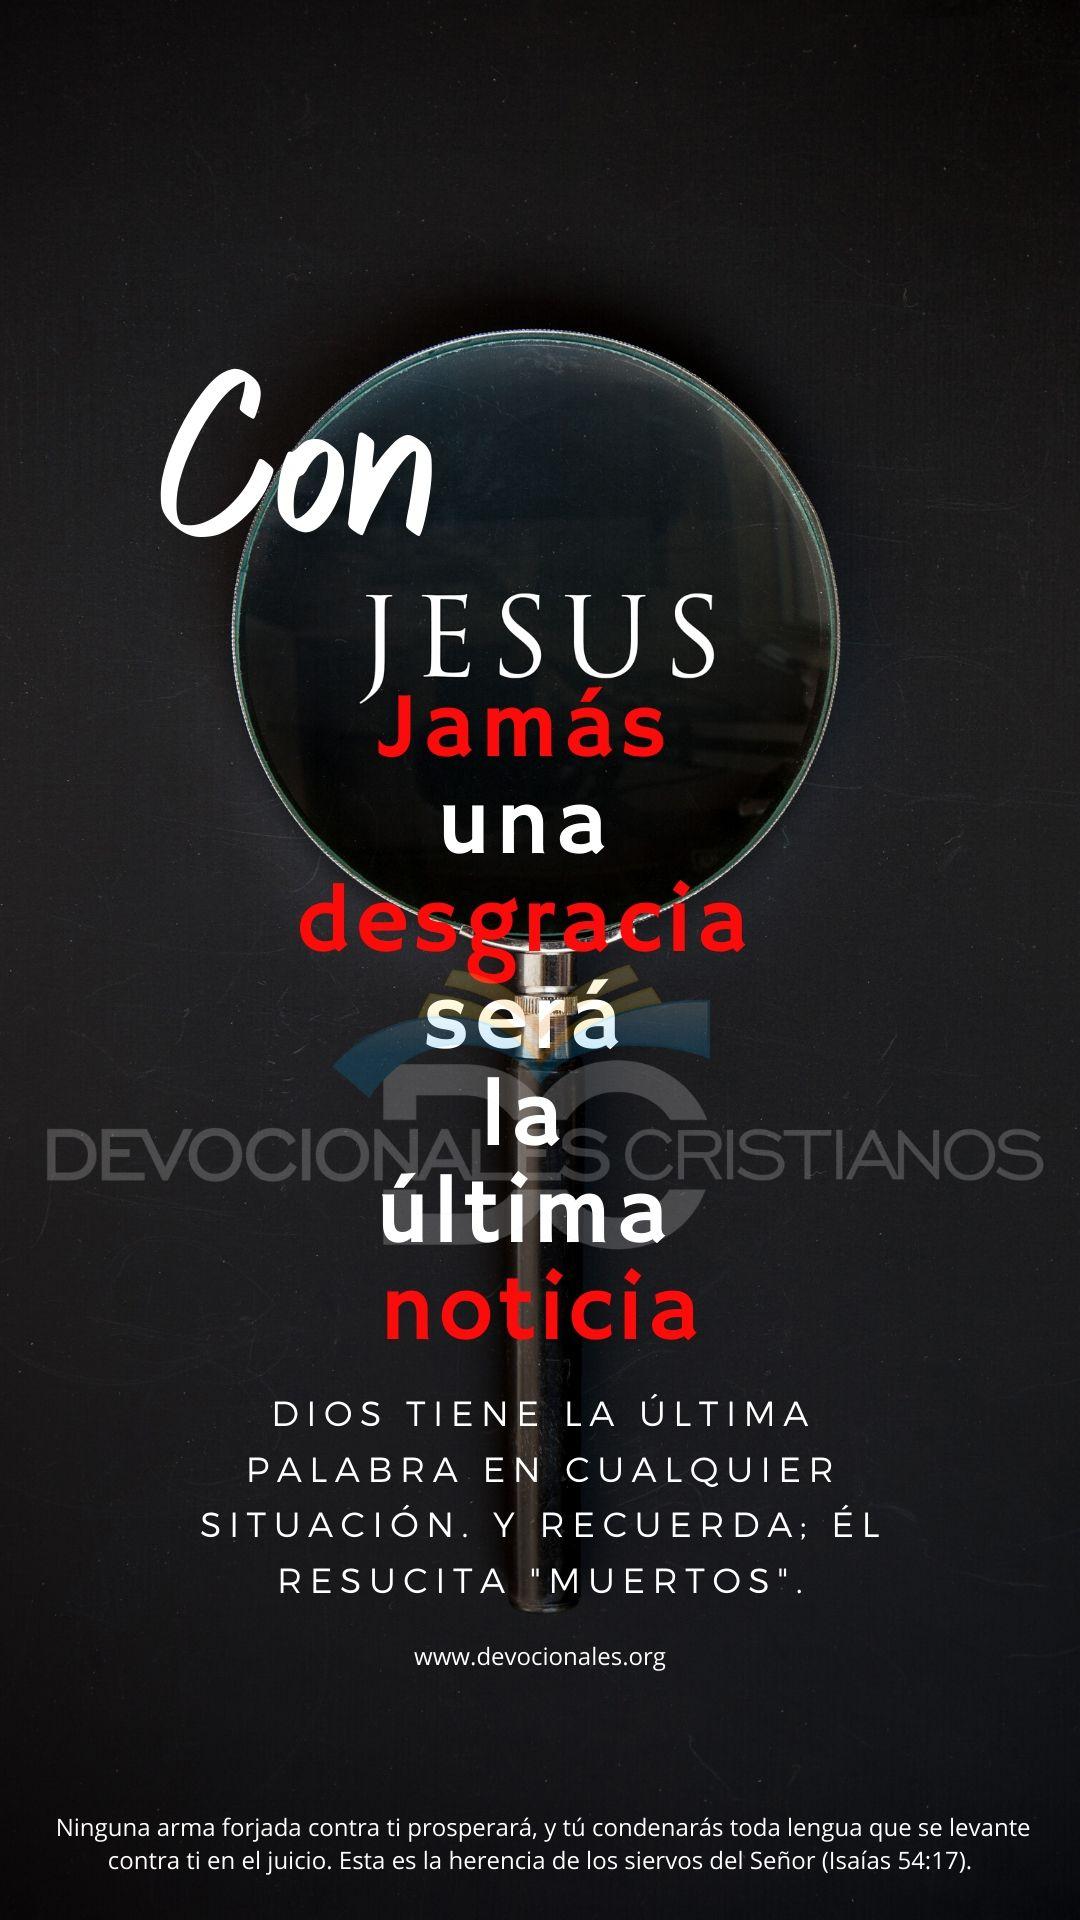 con-Jesus-desgracia-noticia